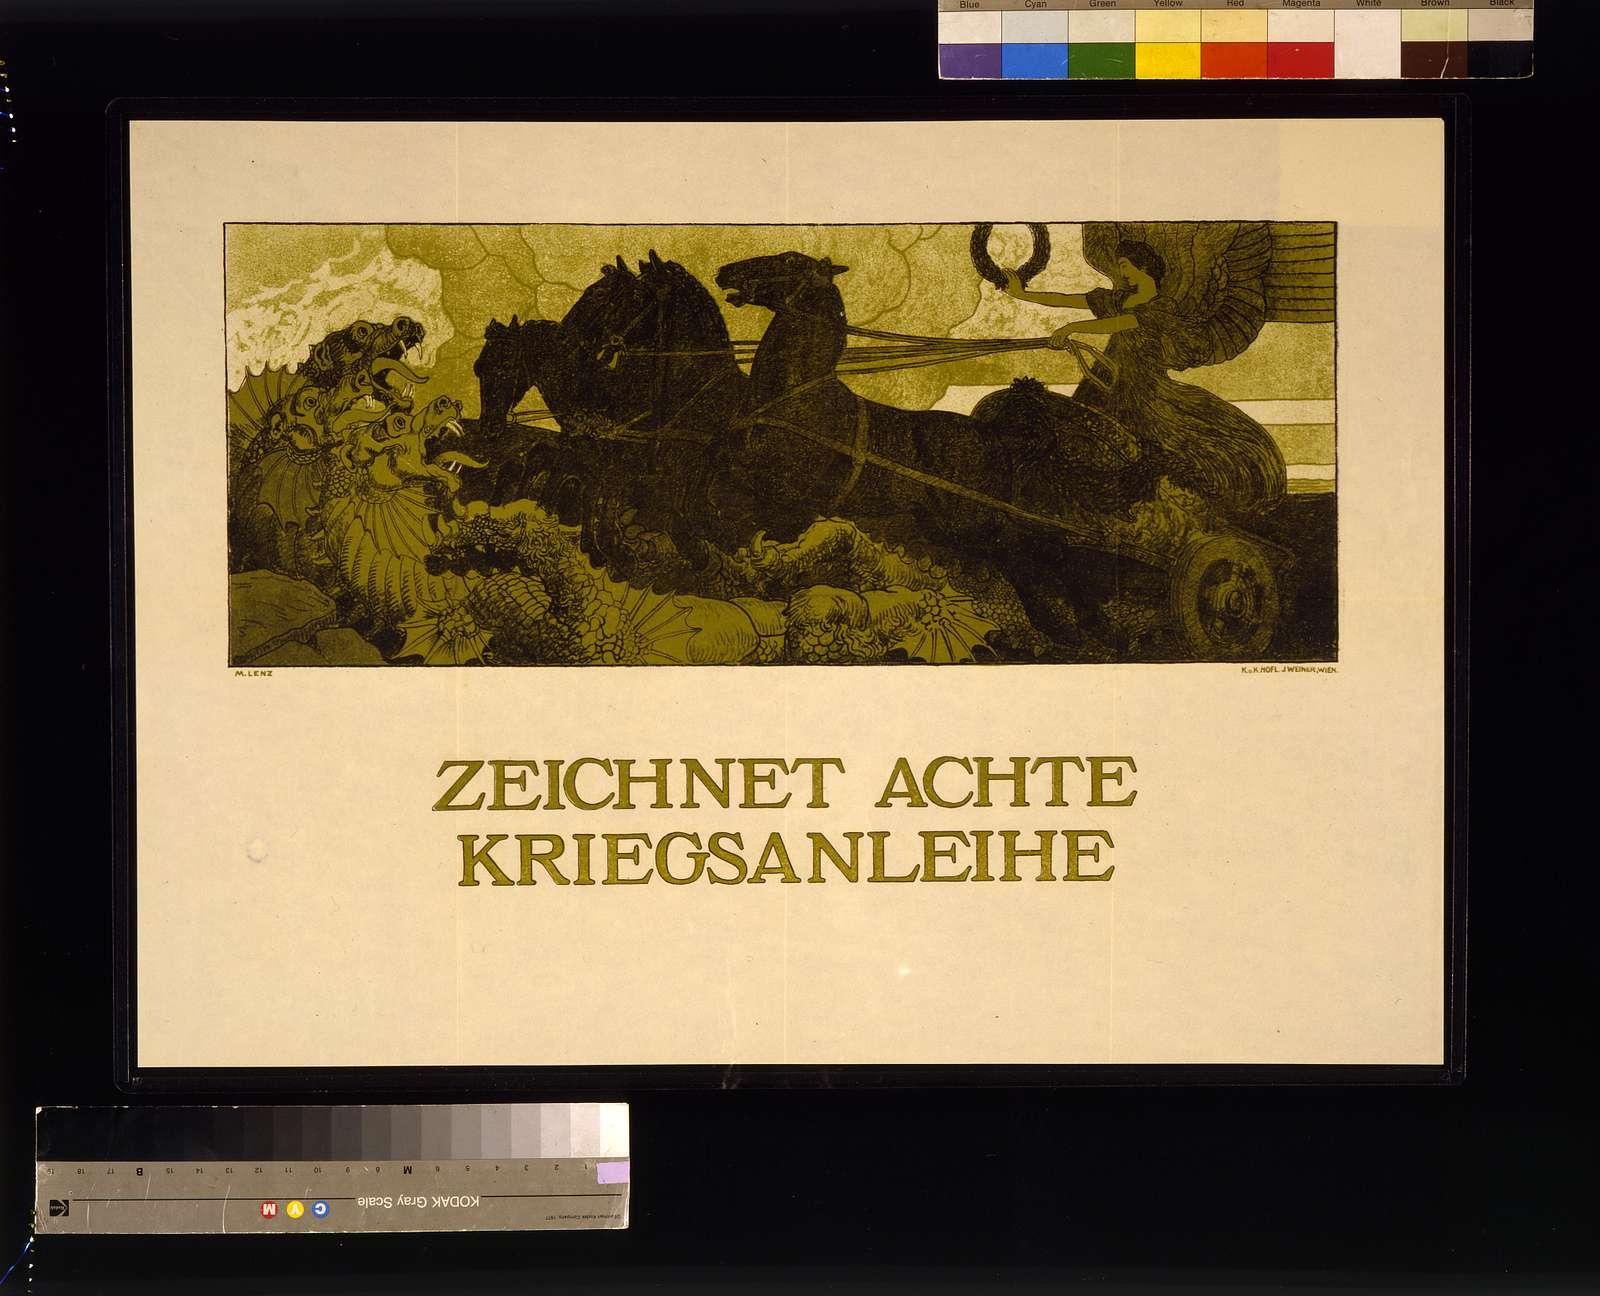 Zeichnet achte Kriegsanleihe / M. Lenz.